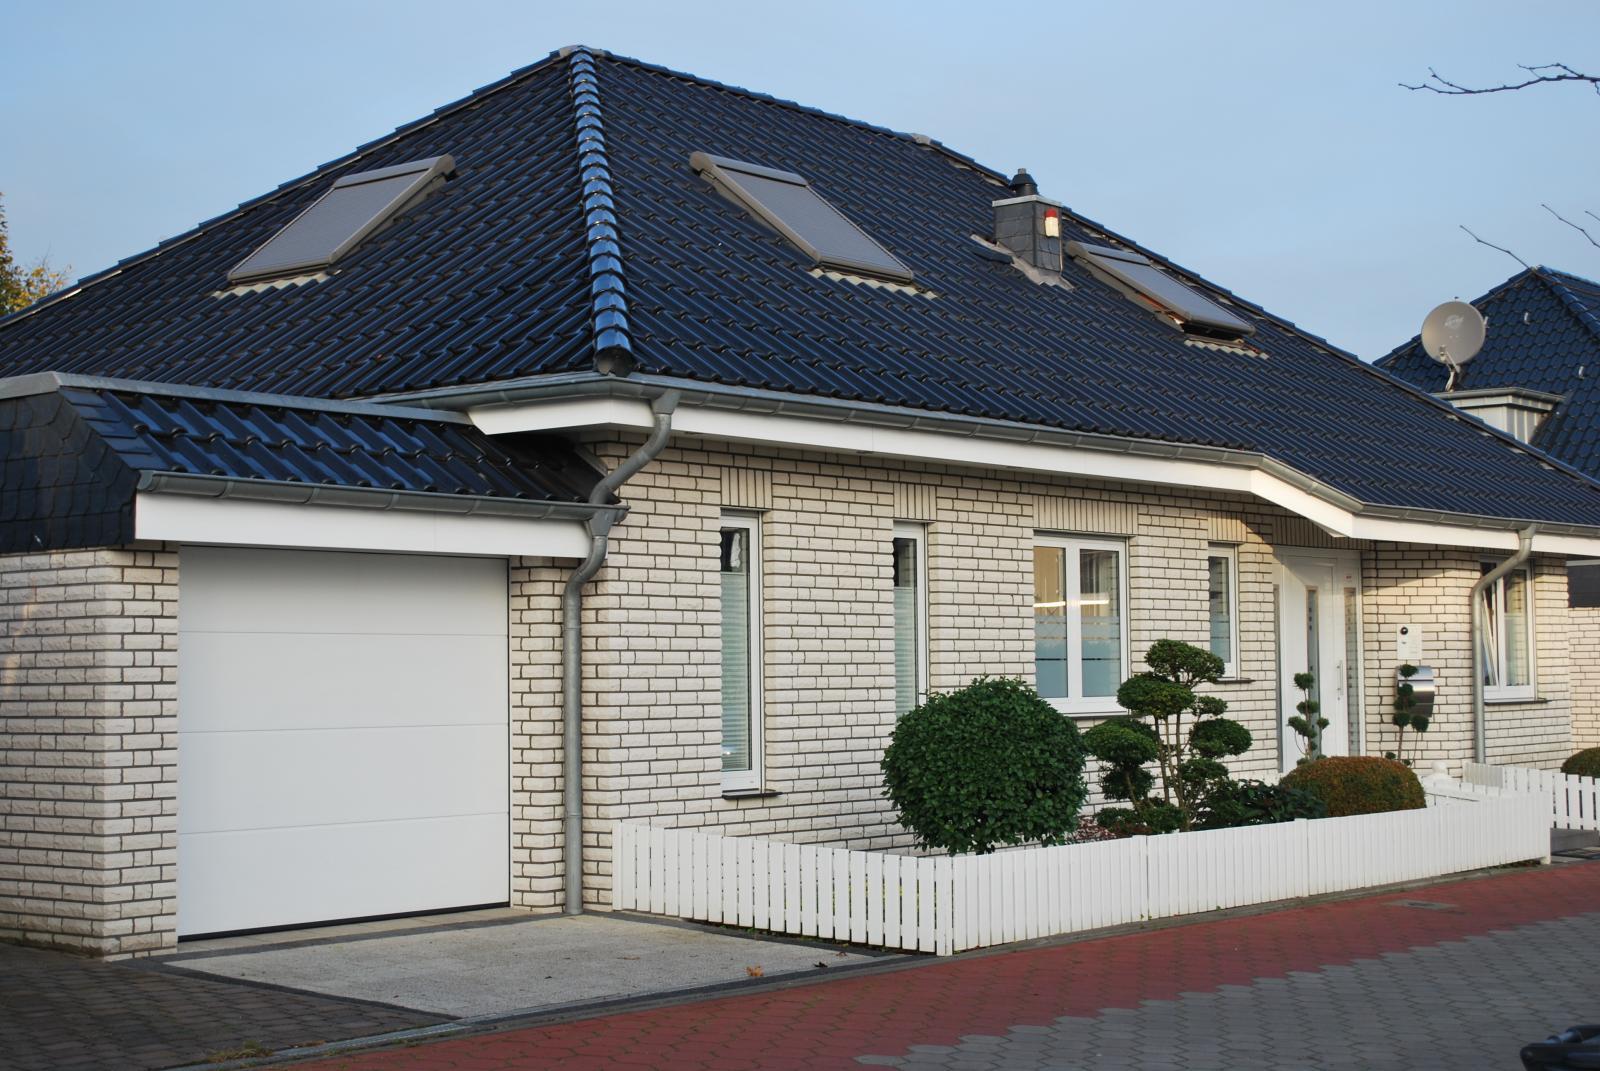 Neubau eines Bungalows, MoersUtfort  AIP Wohnen